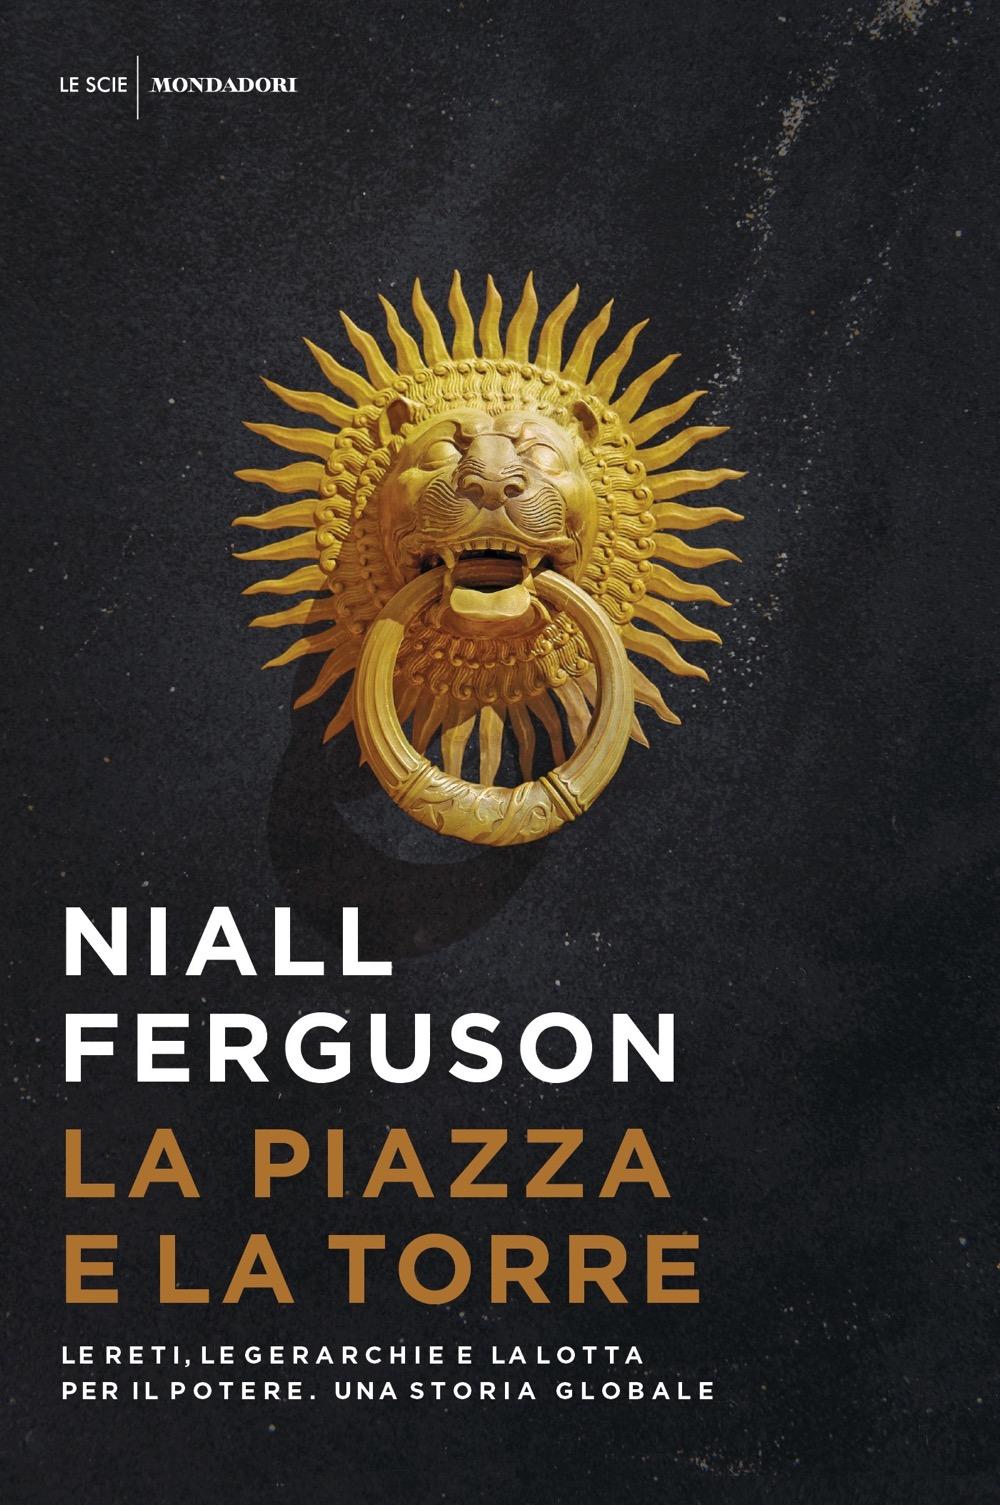 ferguson occidente  La piazza e la torre - Niall Ferguson | Libri Mondadori